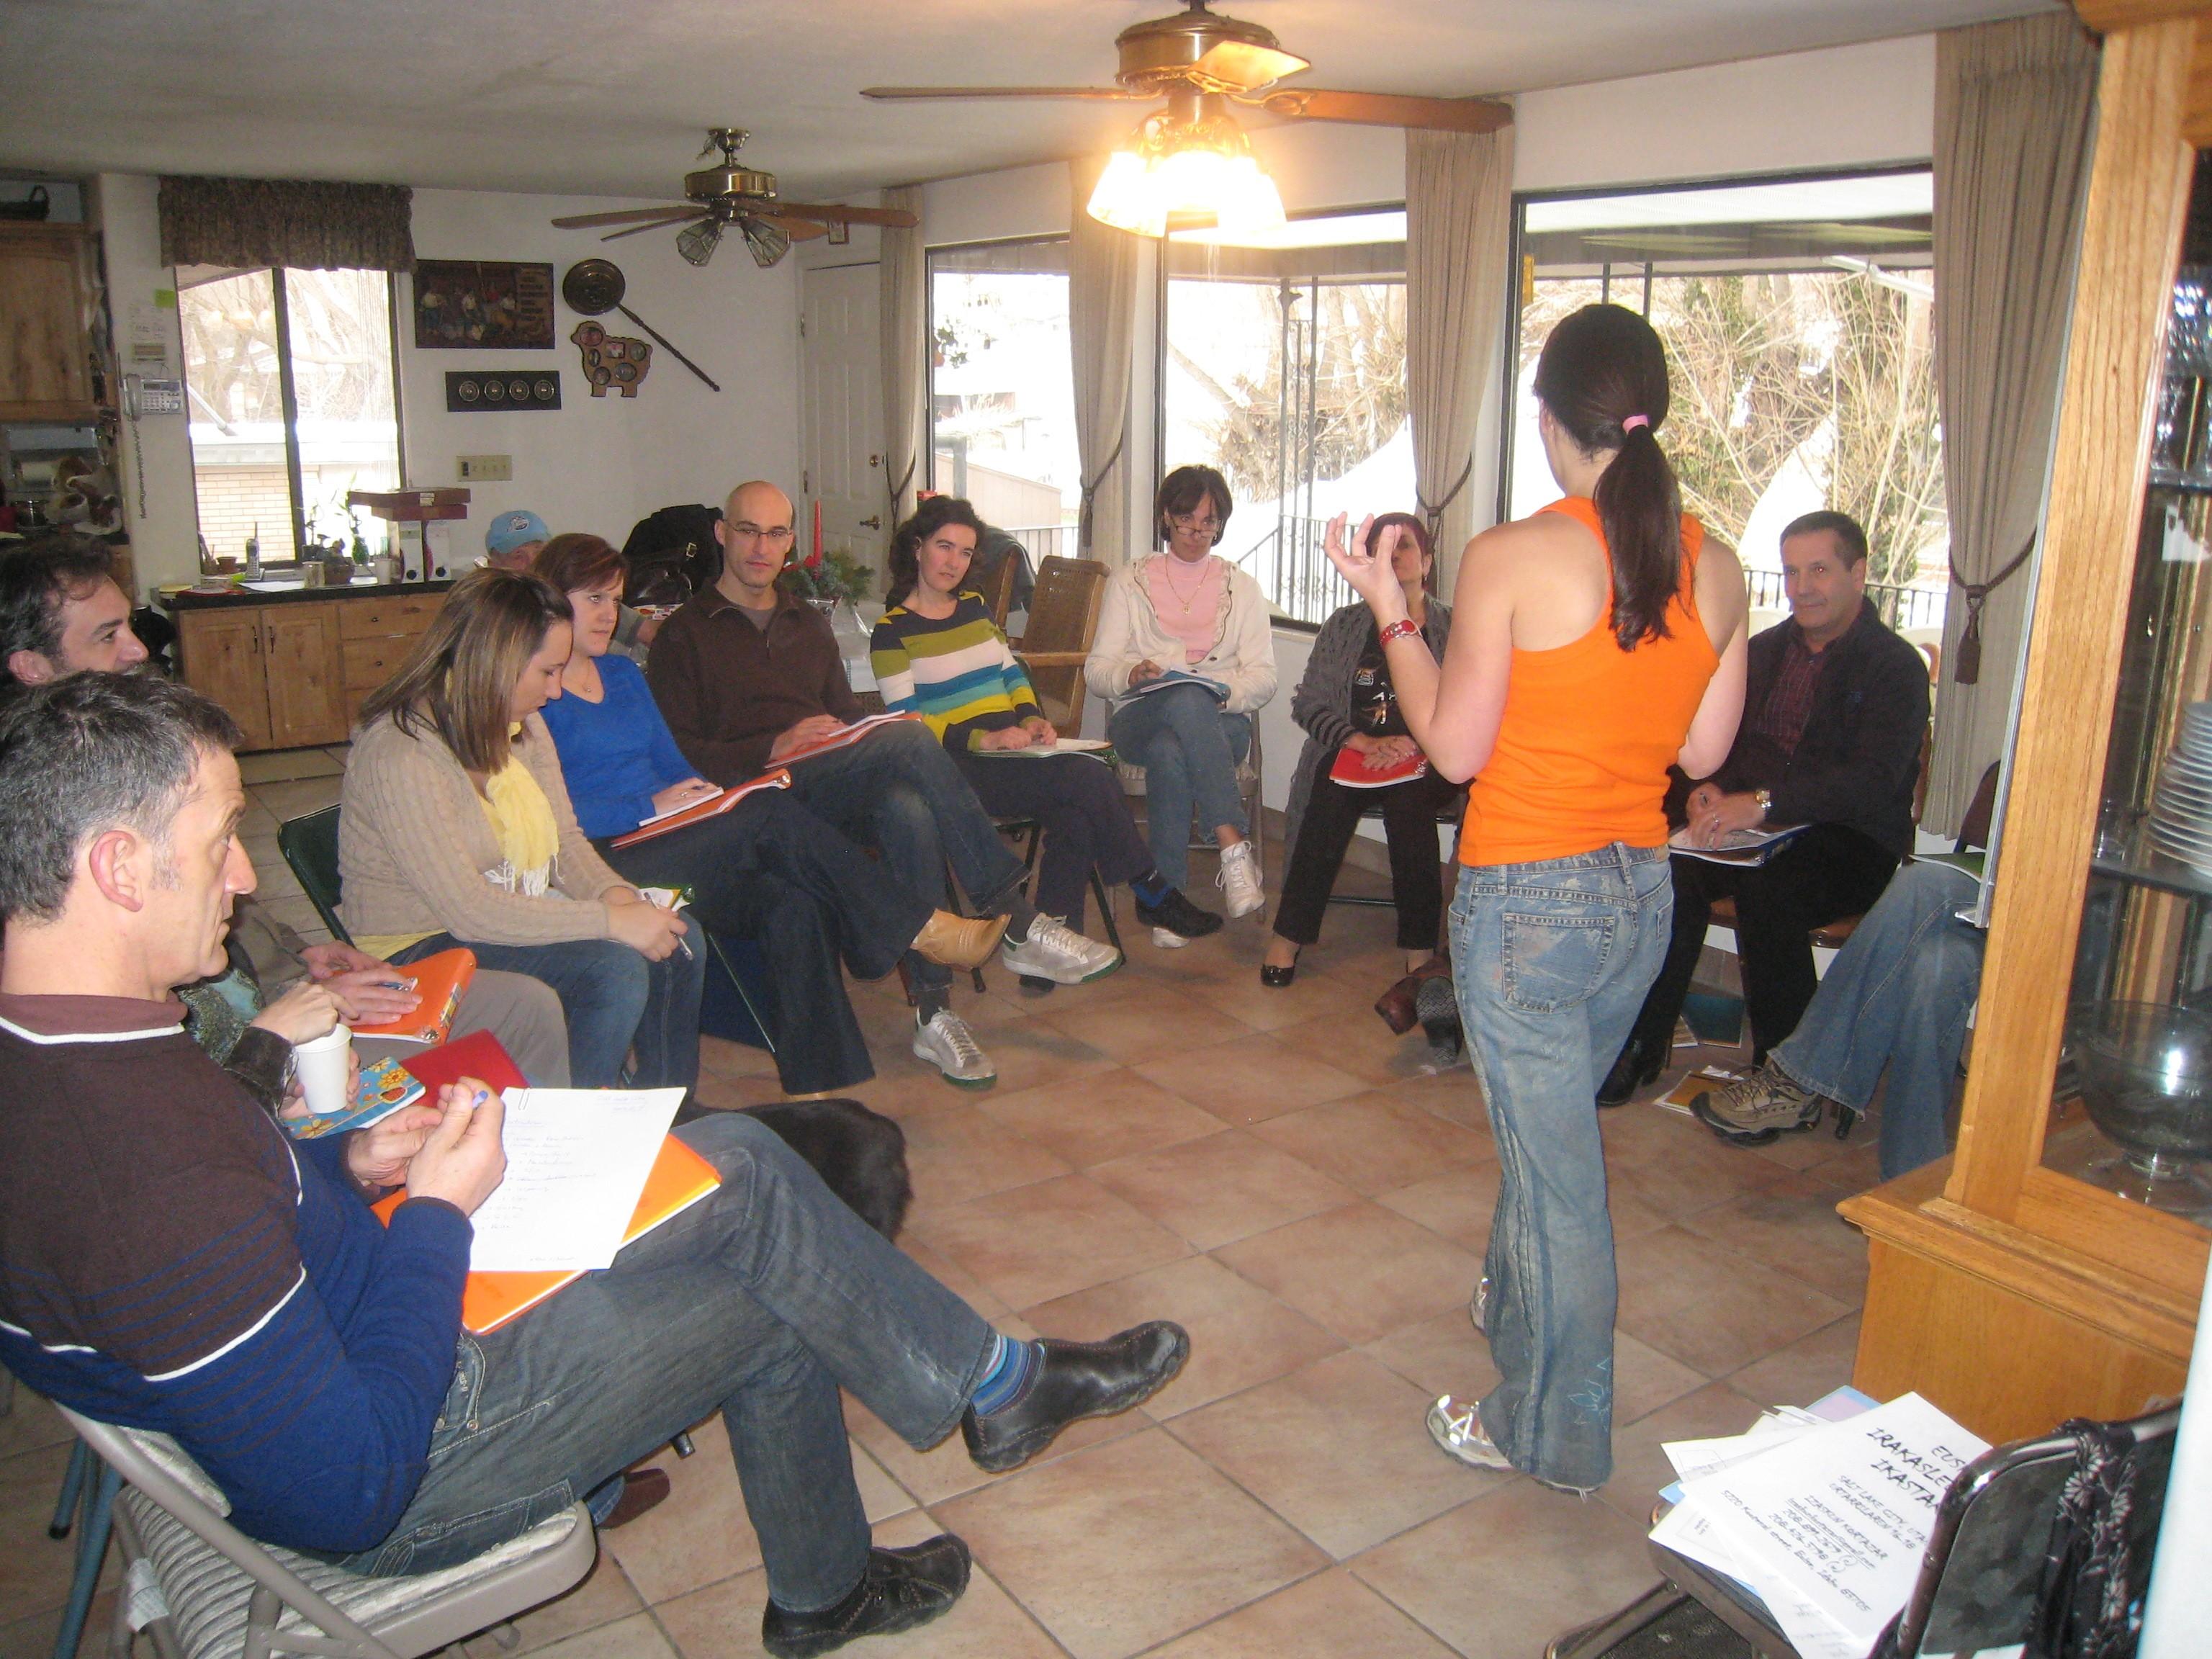 Reunión de irakasles de euskera y responsables de NABO y HABE en Salt Lake City (foto HABE)